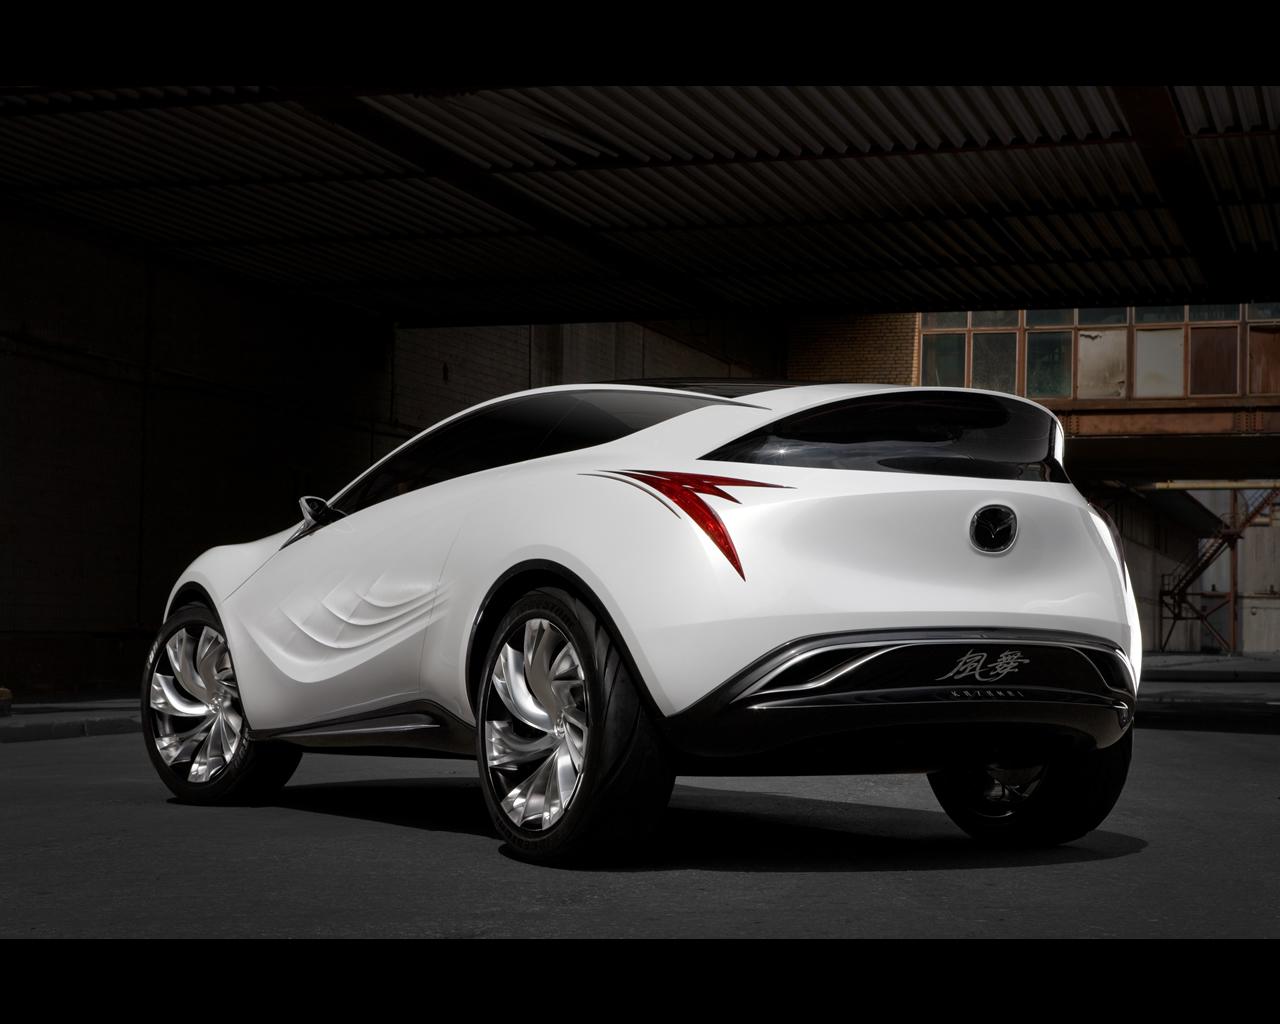 http://autoconcept-reviews.com/cars_reviews/mazda/mazda-kazamai-concept-2008/wallpaper/5.jpg